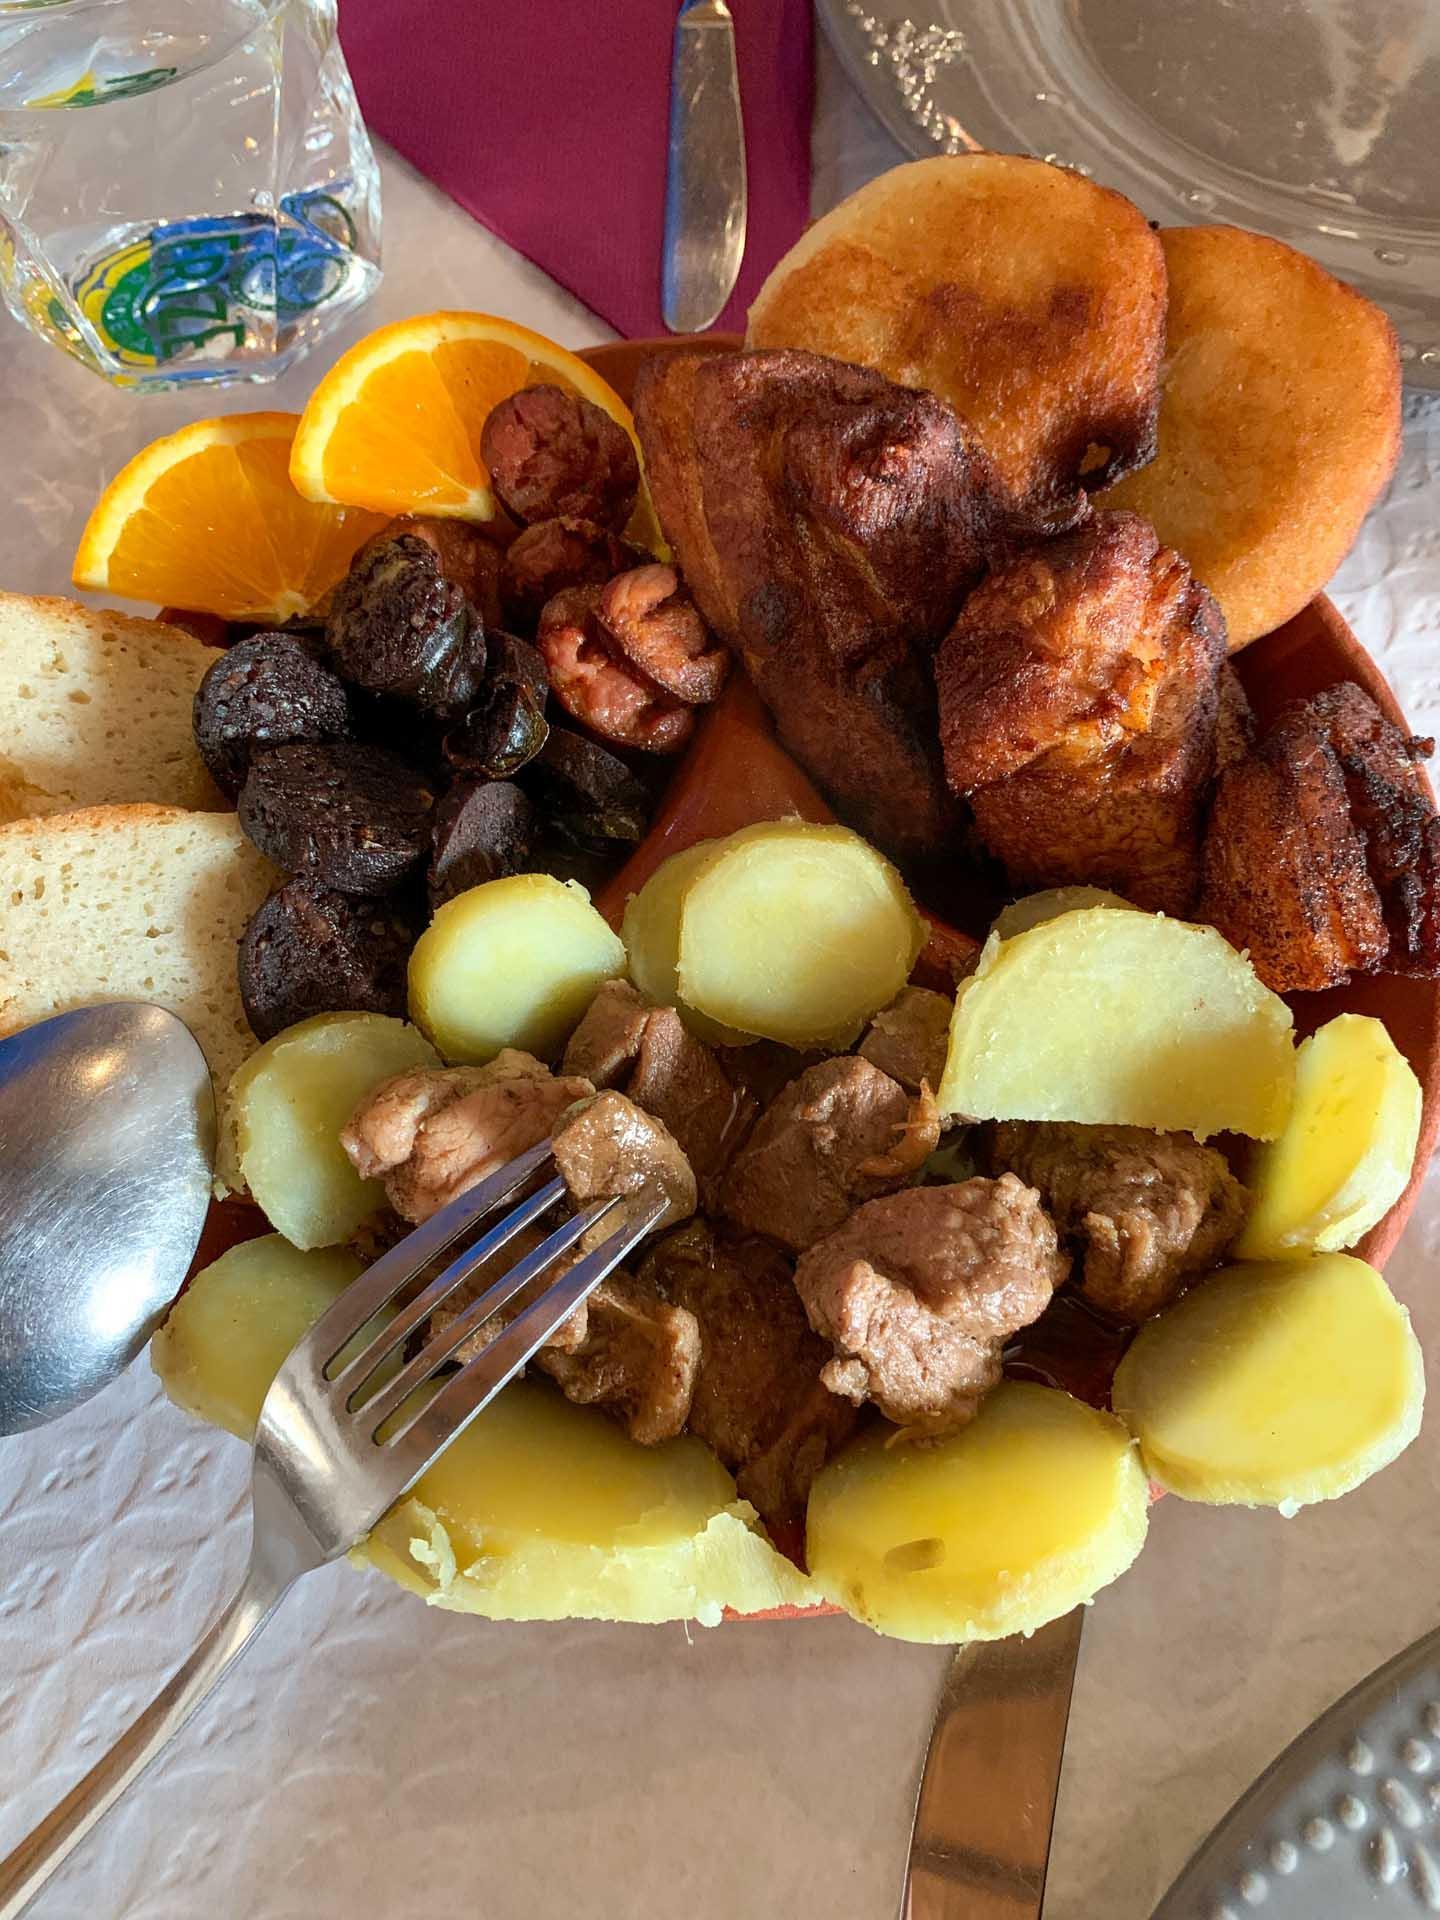 Les spécialités de l'île de Terceira en une assiette chez Ti Choa © YONDER.fr/PG